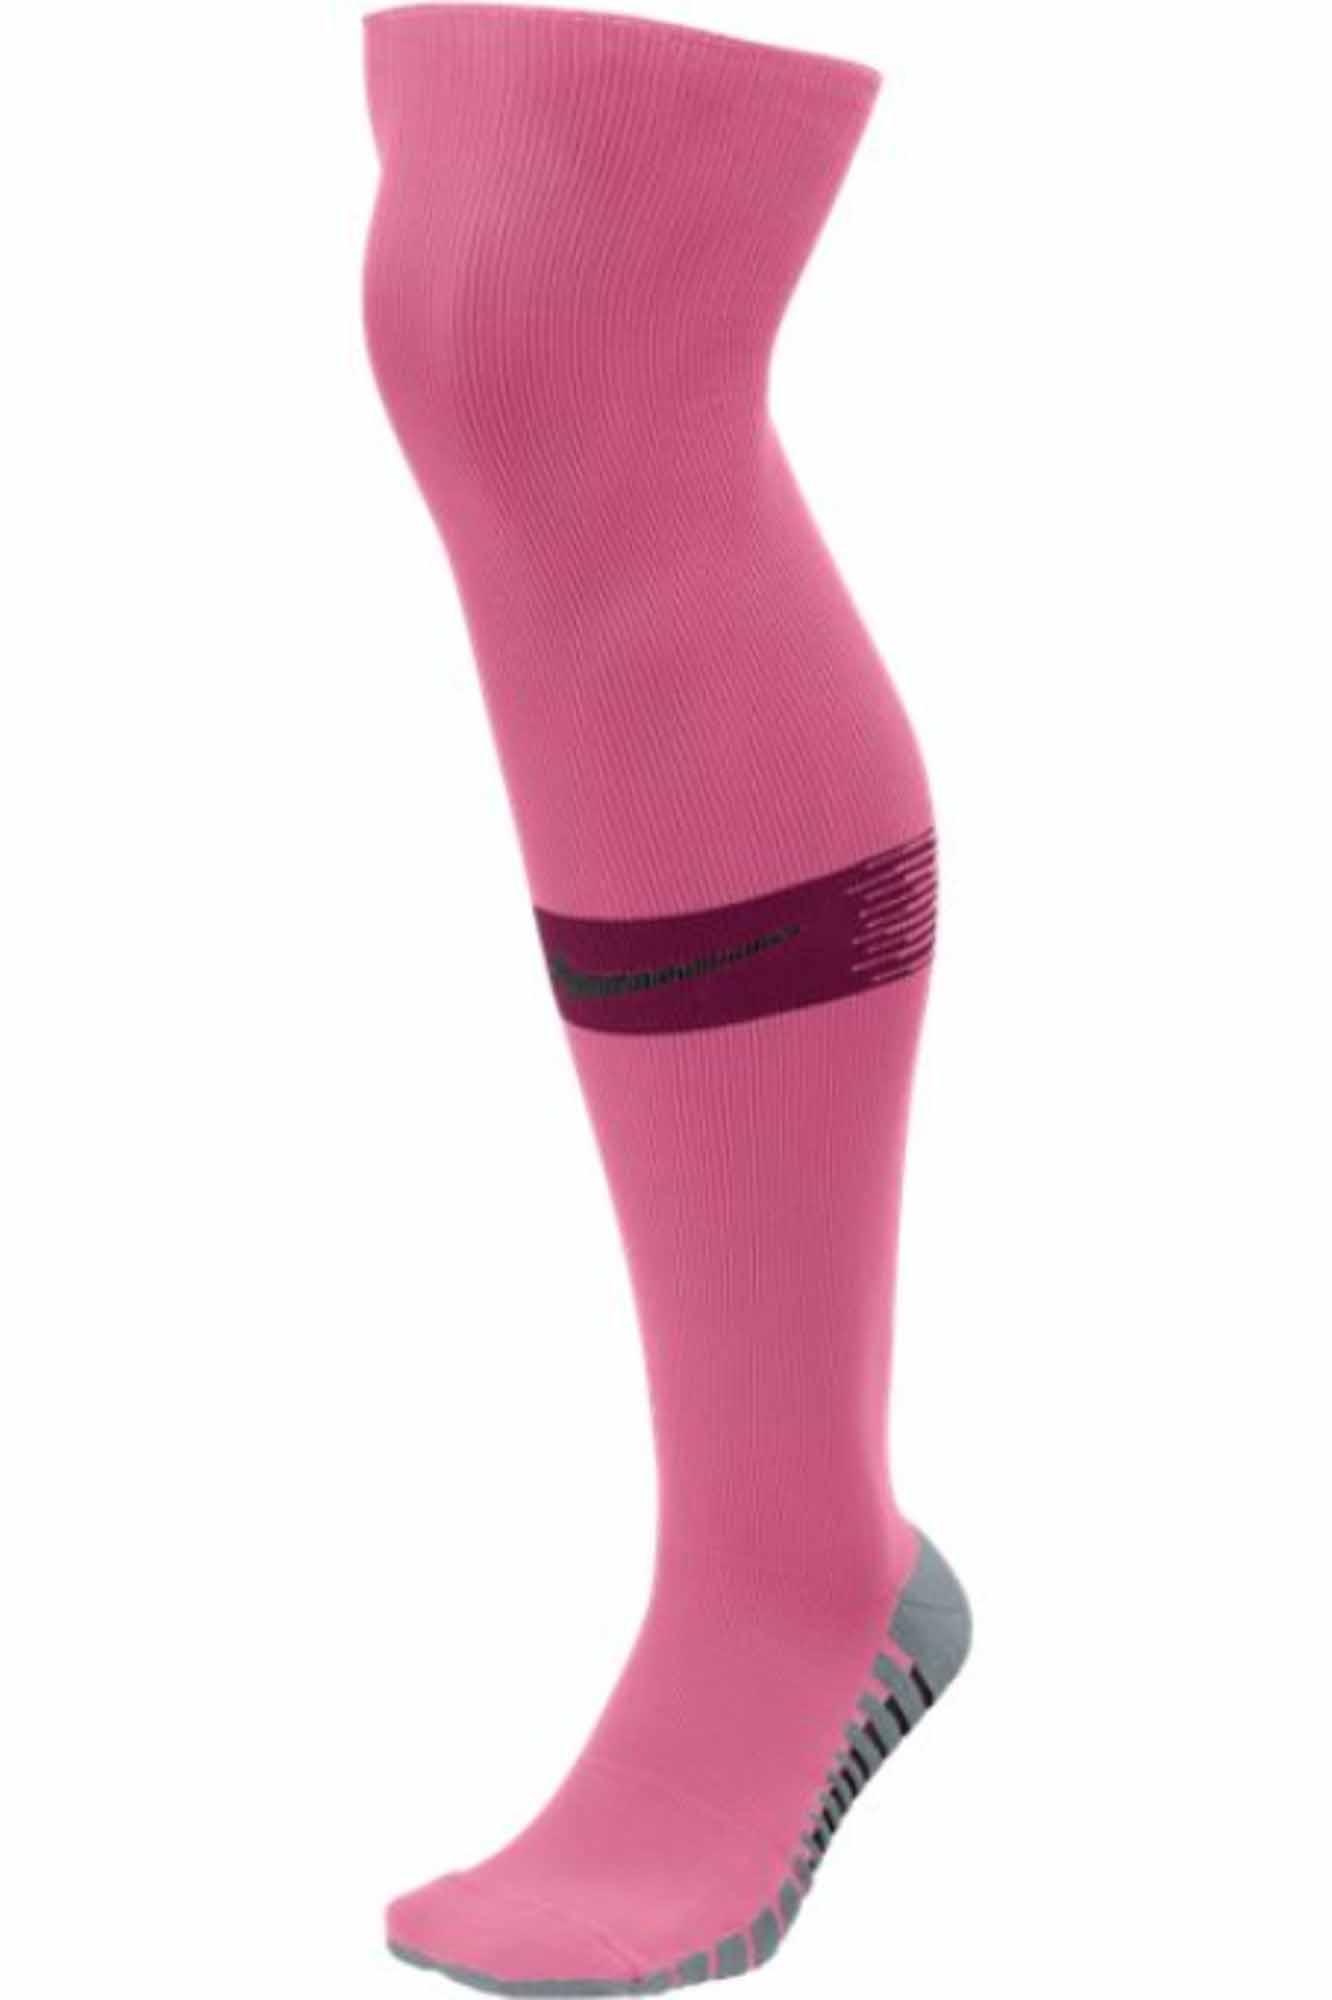 5aca2e5fc5e3 Nike Team Matchfit Soccer Socks - Hyper Pink Villain Red - SoccerPro